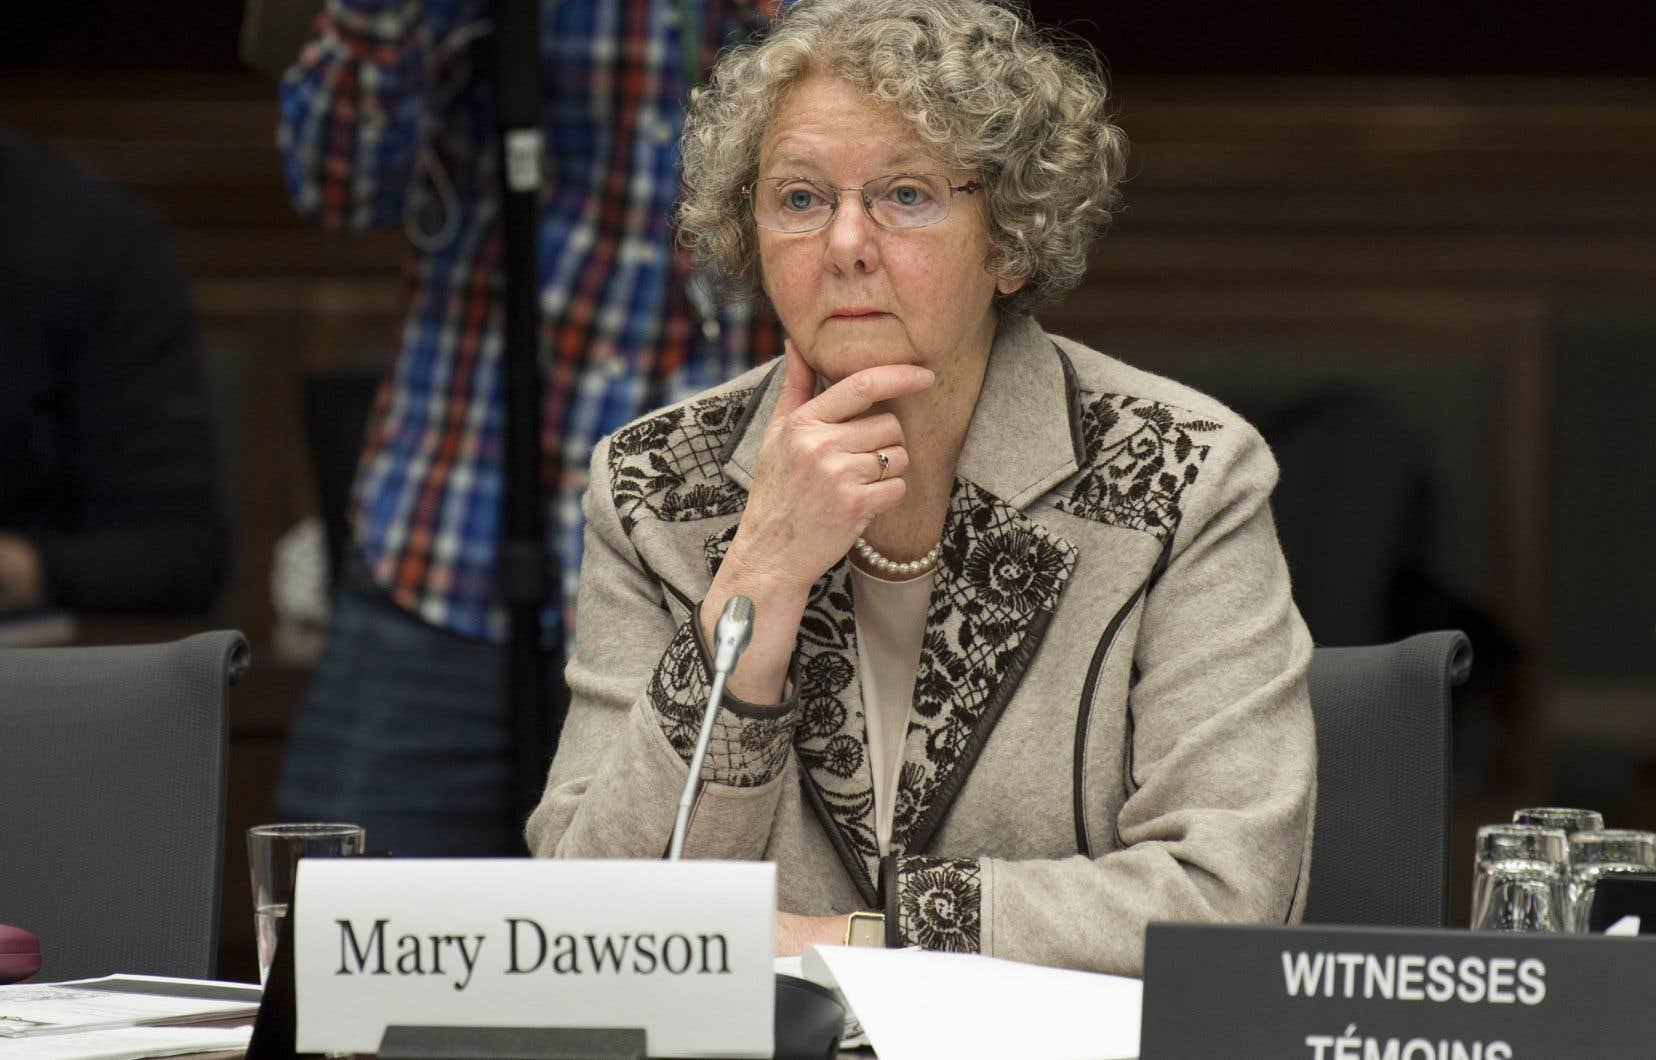 L'ex-commissaire à l'éthique Mary Dawson comparaissait en comité parlementaire pour discuter de son rapport sur les vacances du premier ministre chez l'Aga Khan.